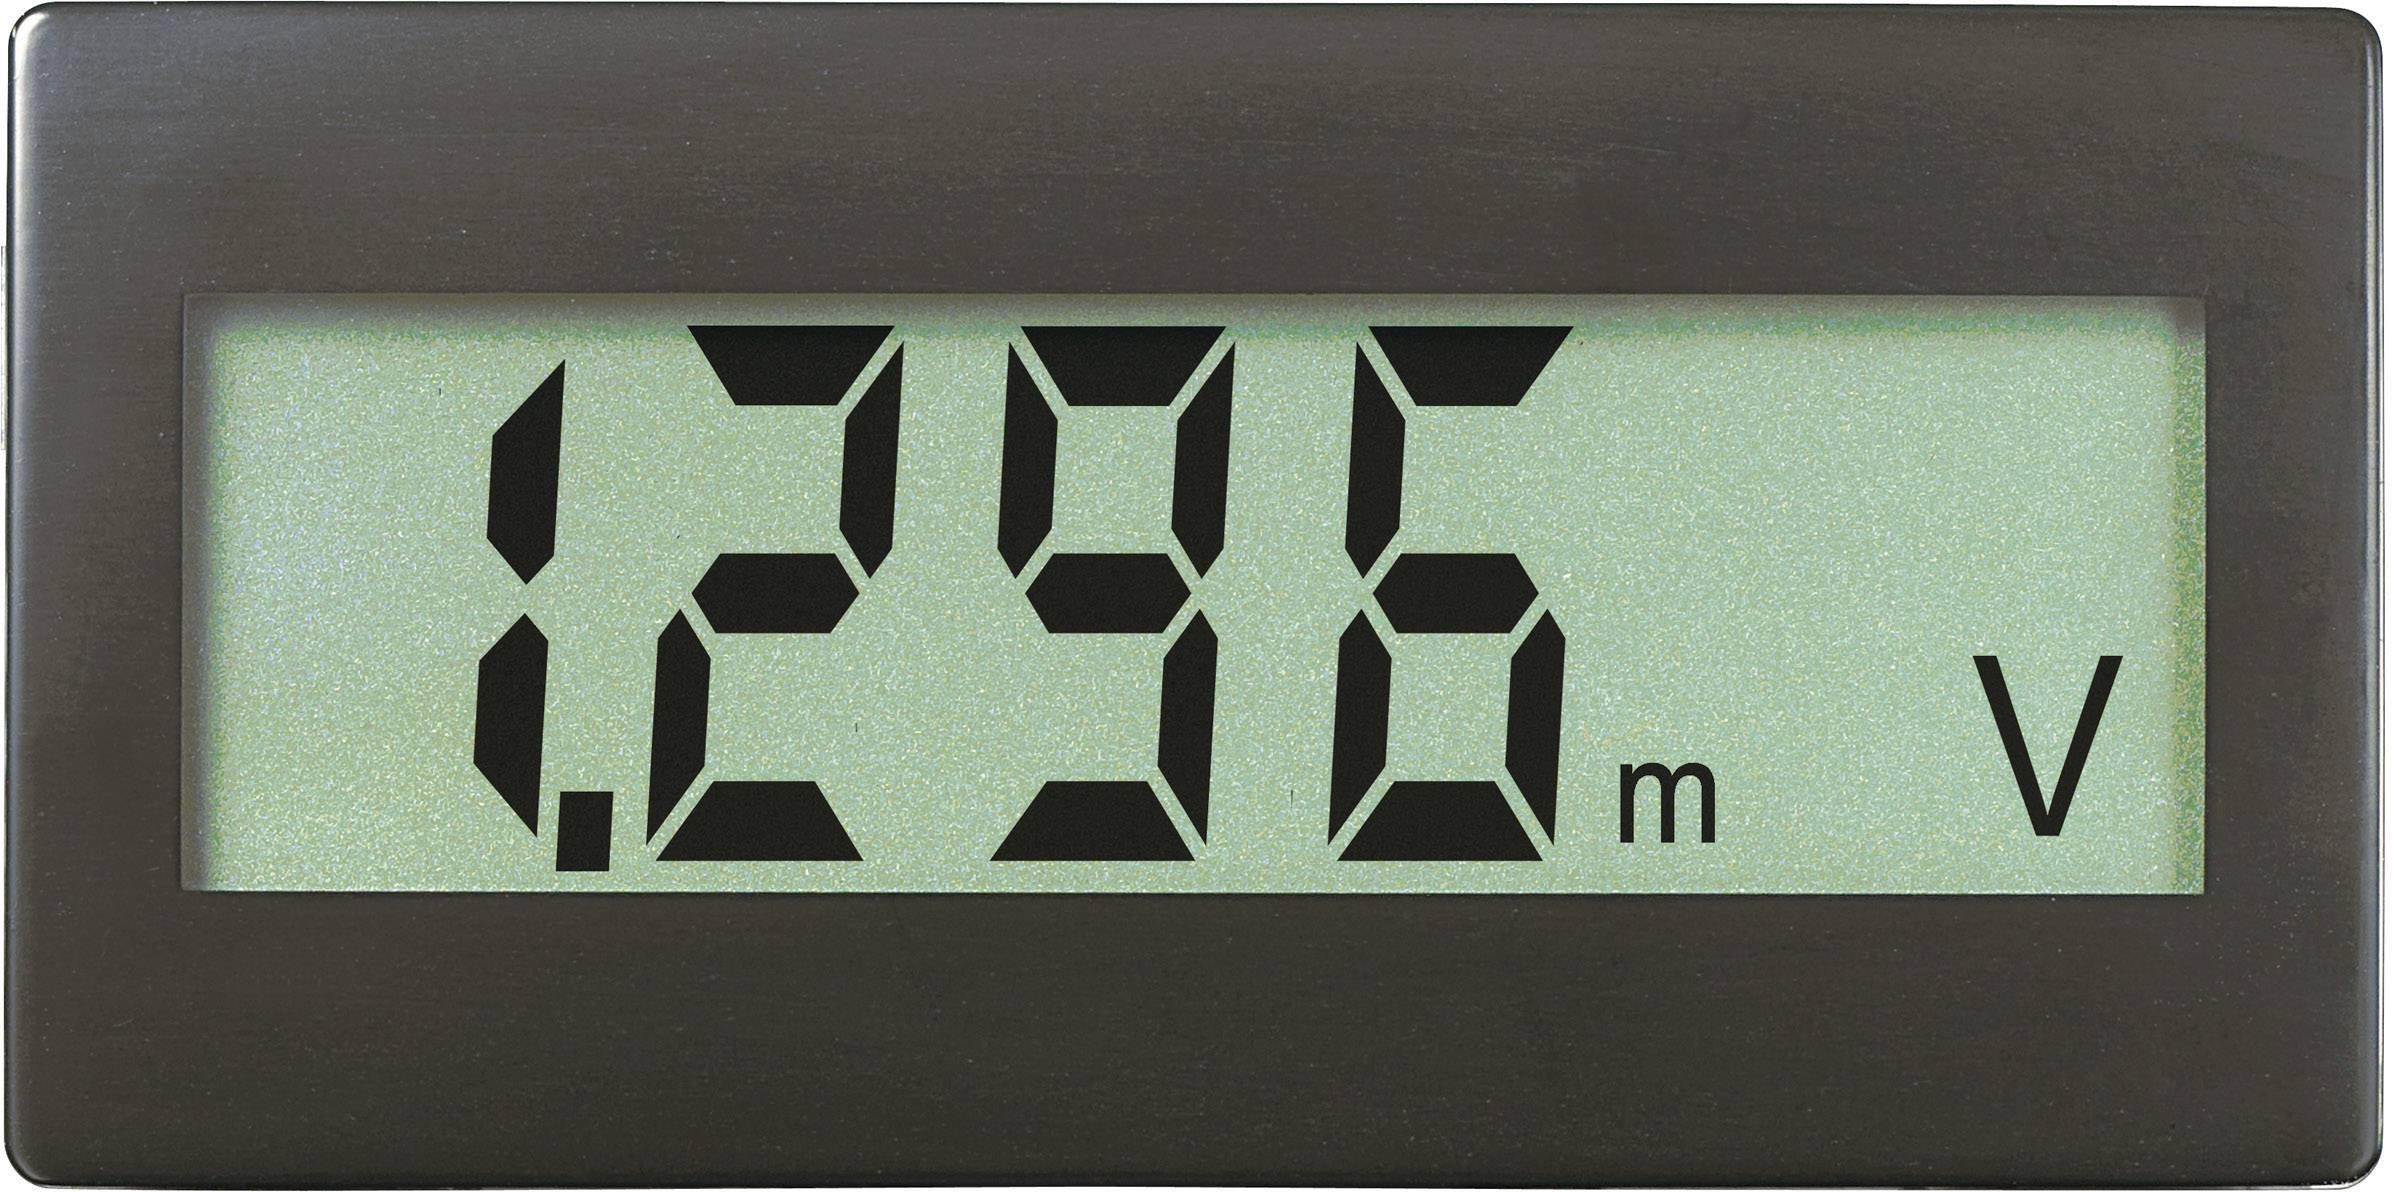 Panelové měřidlo Voltcraft DVM-230G, 45 x 22 mm, ±199,9 mV